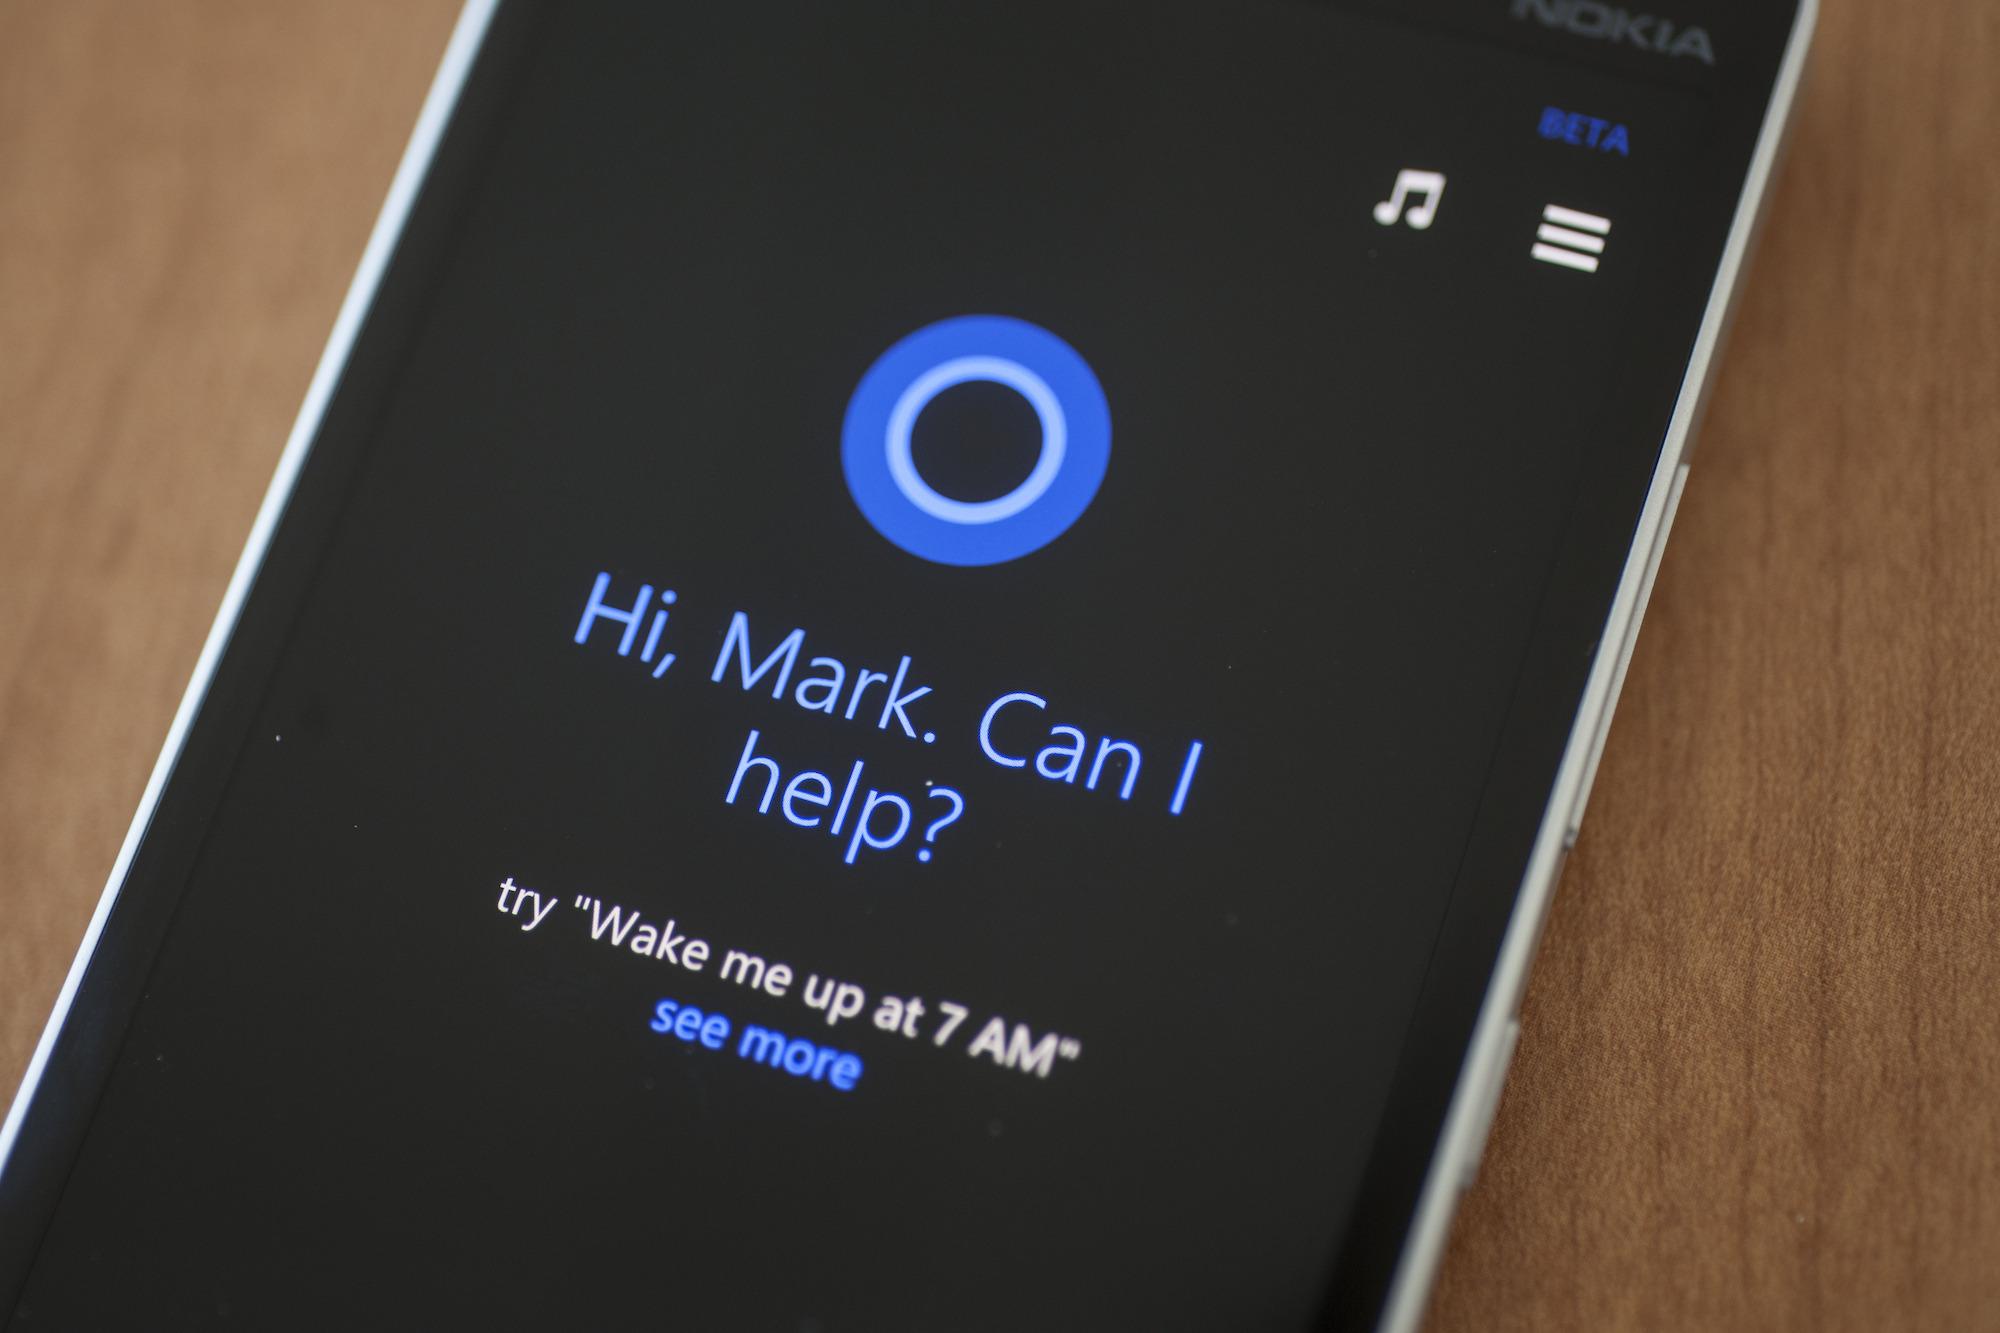 Cortana acrescenta novidades em todas as plataformas, veja o que mudou em cada sistema operacional